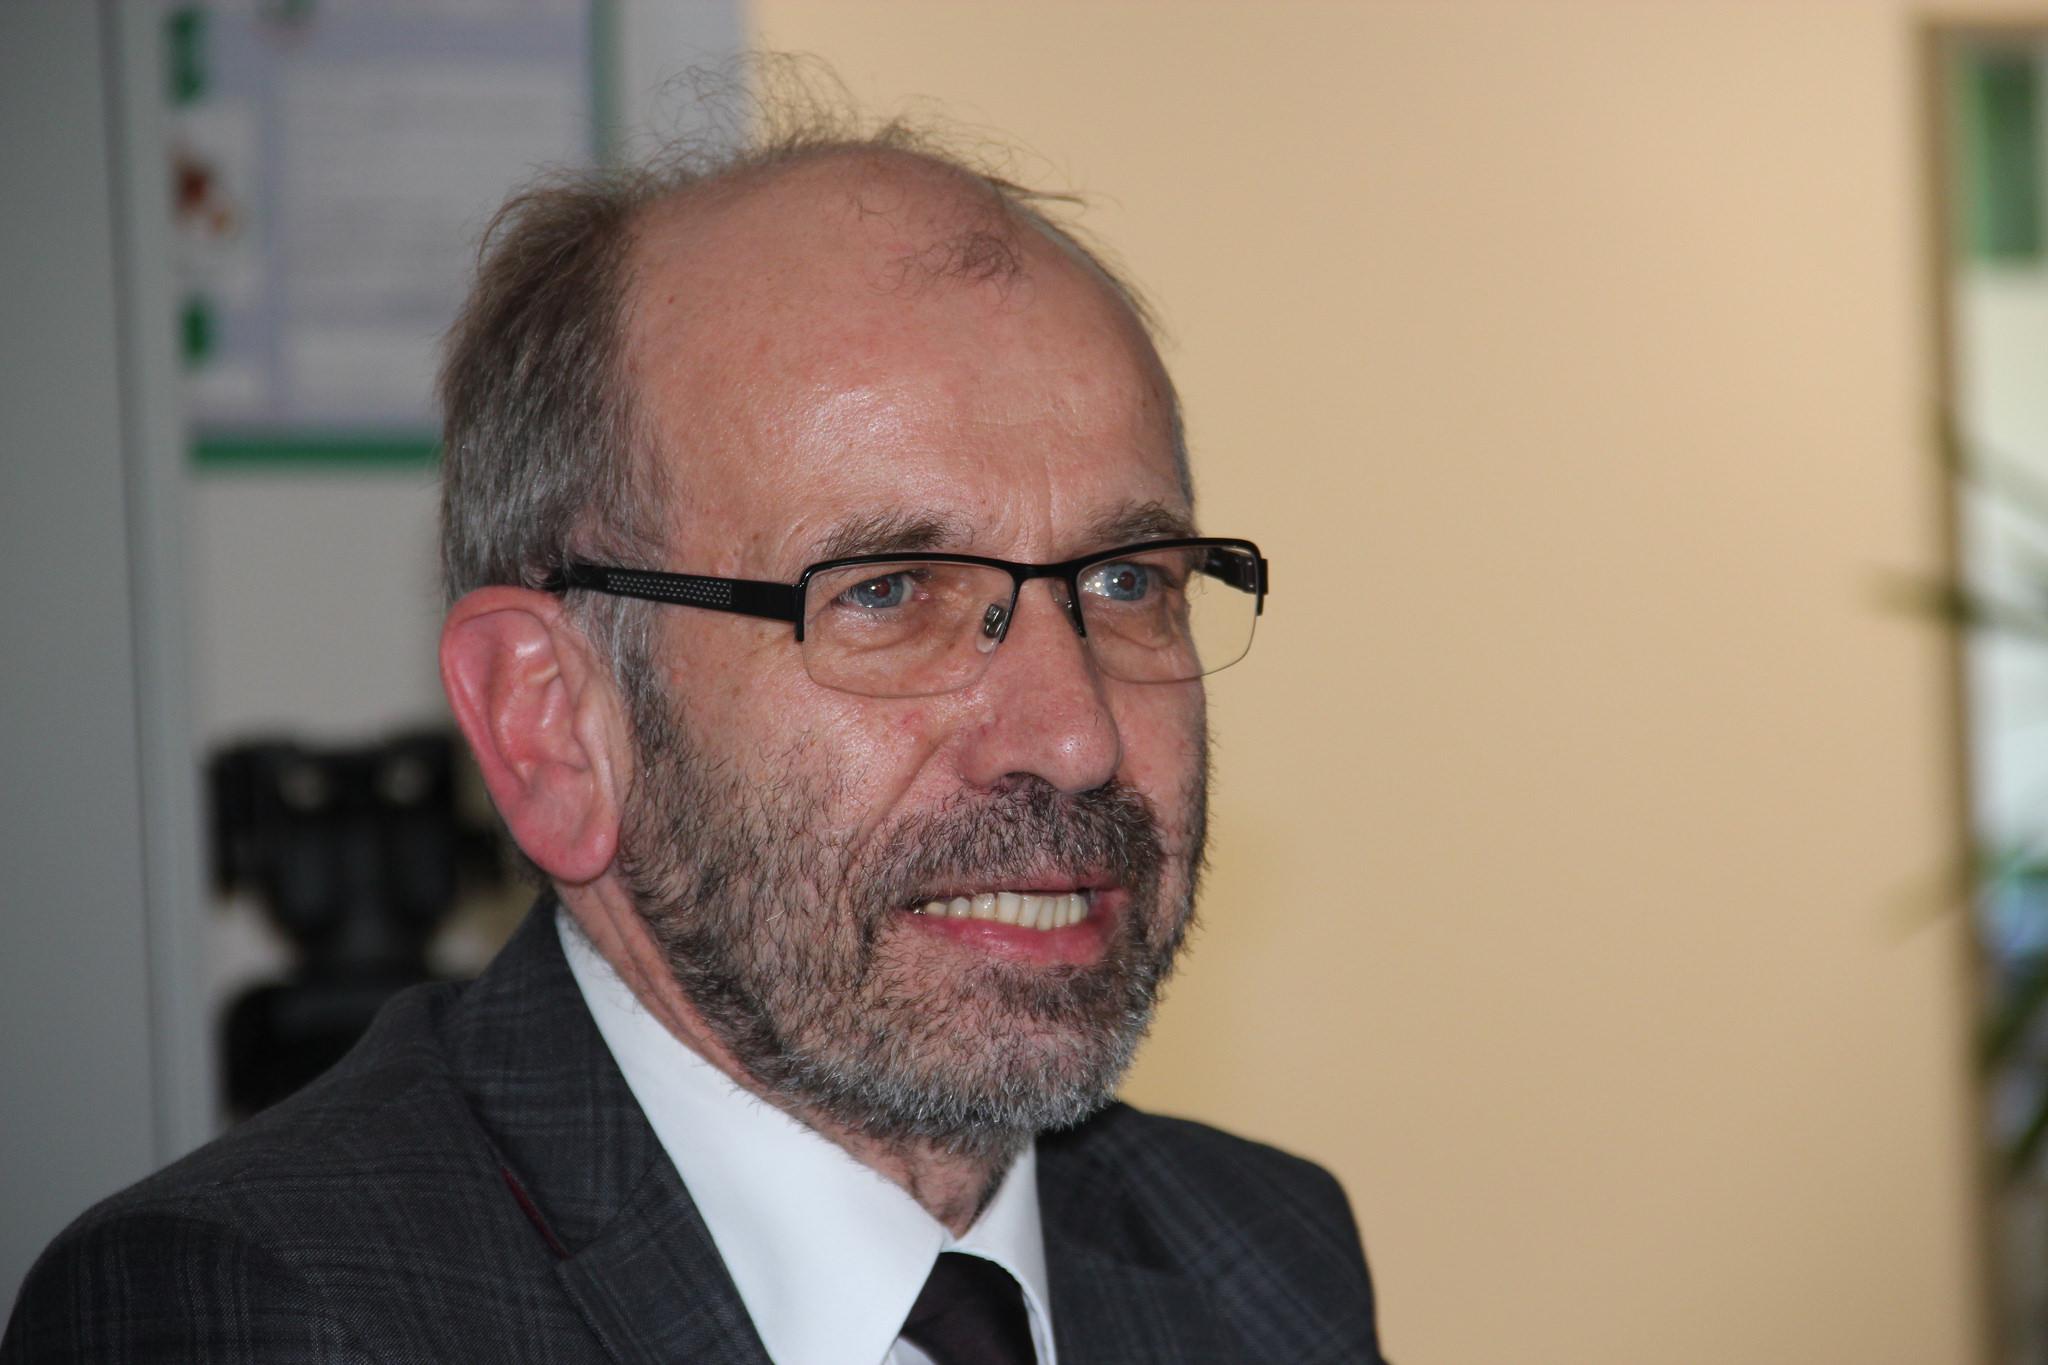 Grußwort von Pfarrer Manfred Rekowski, Präses der Evangelischen Kirche im Rheinland